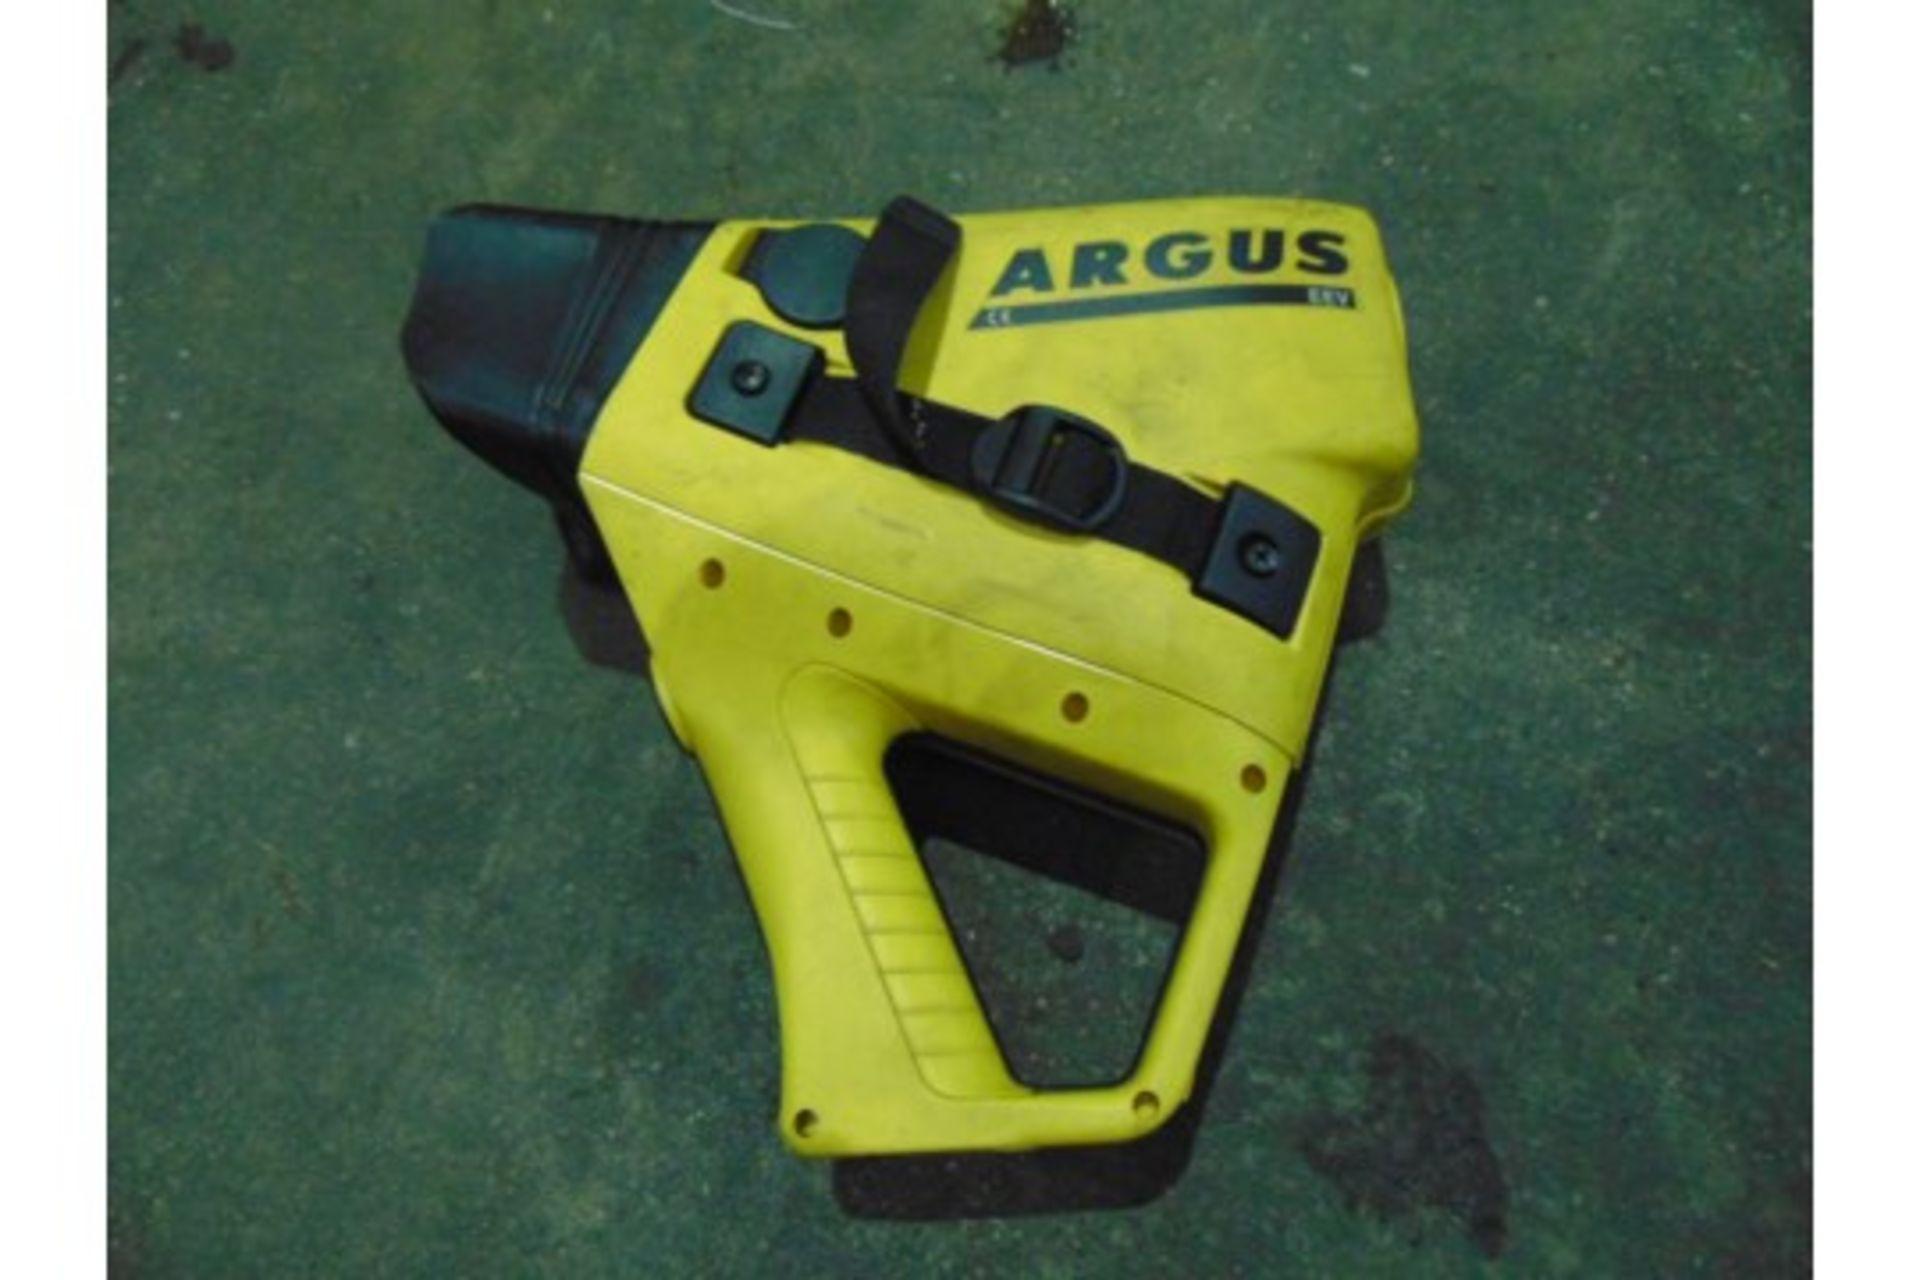 Lot 26791 - Argus 2 Eev Thermal Imaging Camera